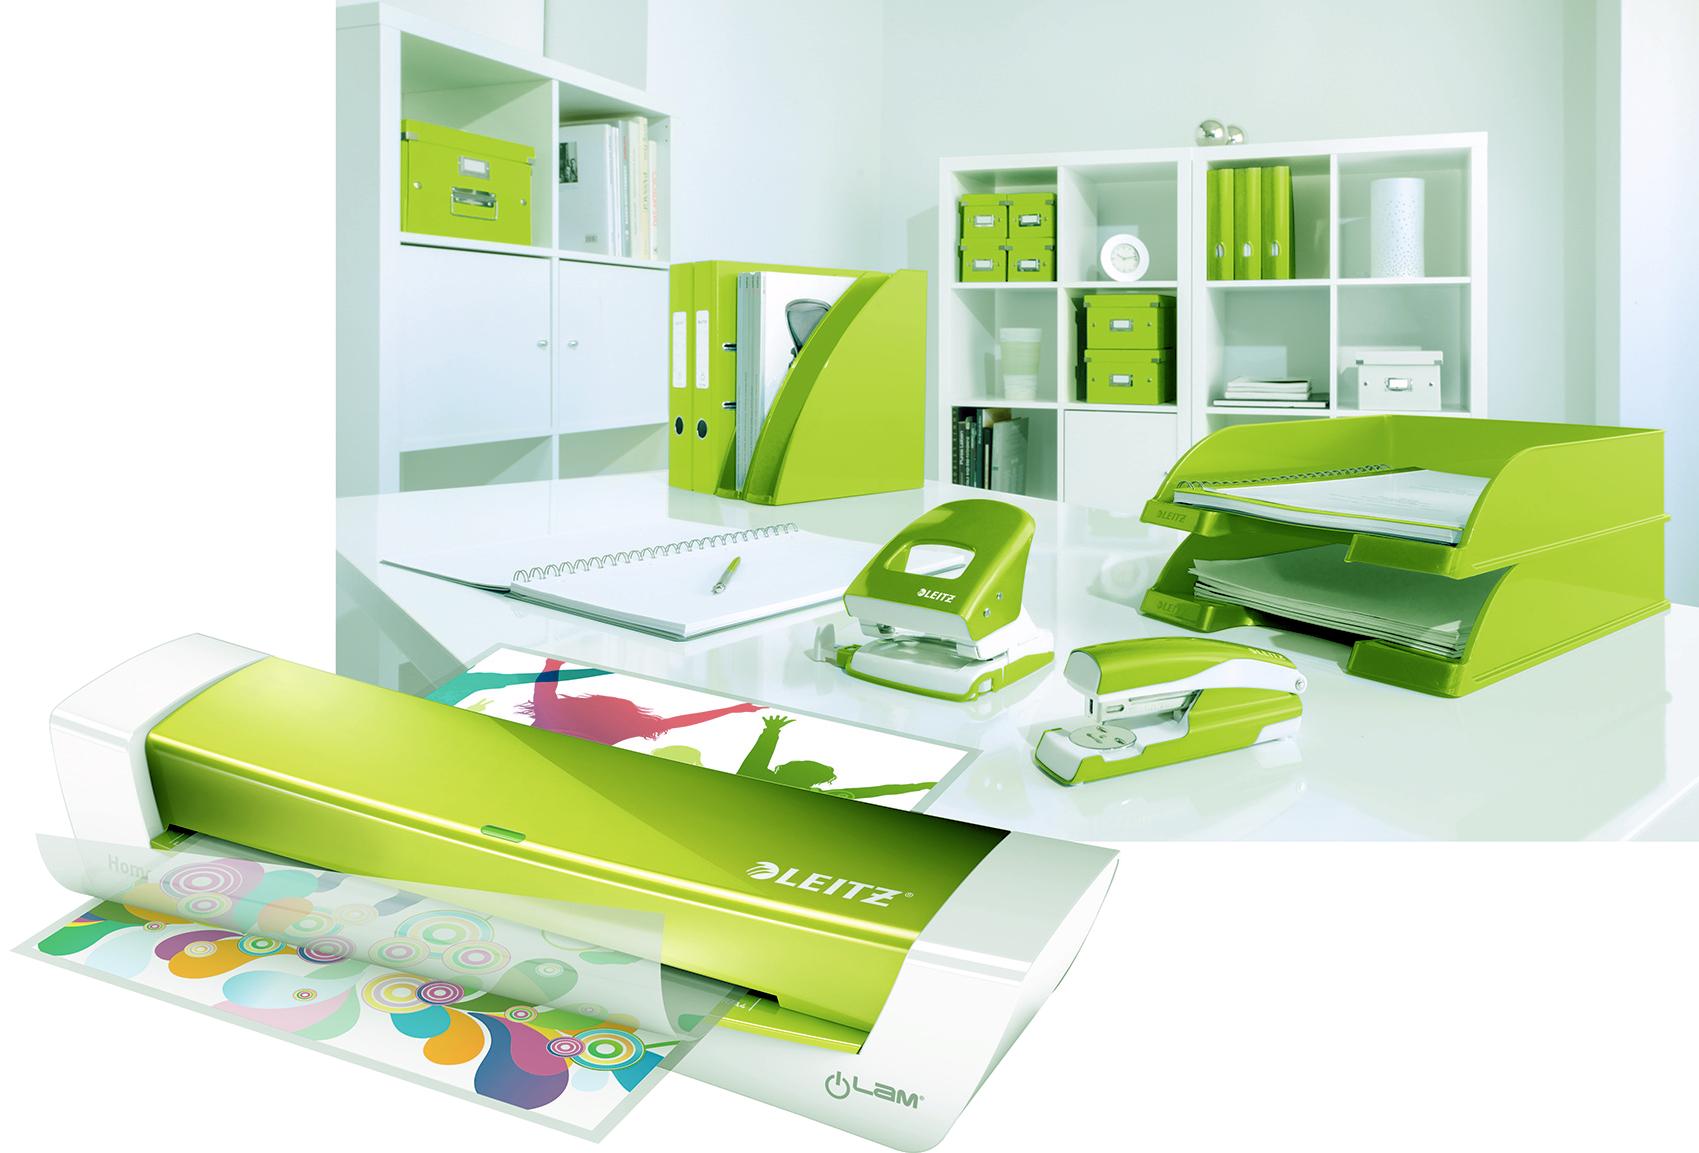 La Plastifieuse A4 Ilam Home Office vert est une machine à plastifier A4 moderne et rapide